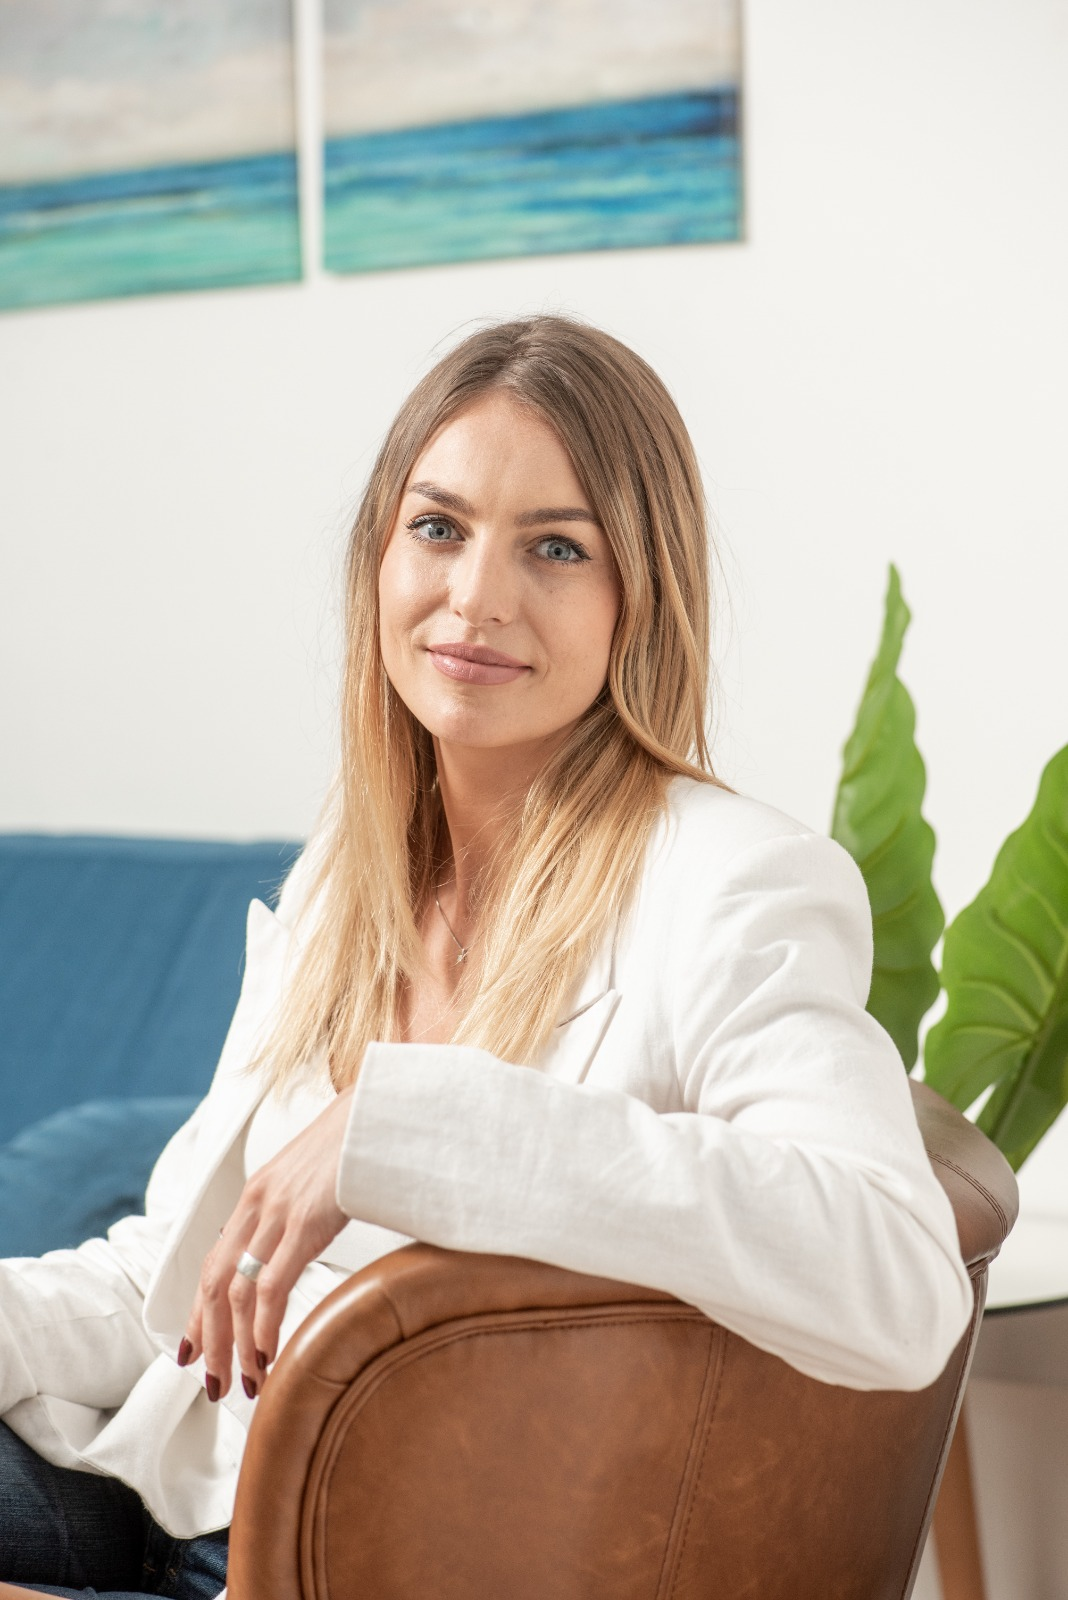 Hilda Rudbo, Senior iGaming Consultant / Alan Carville